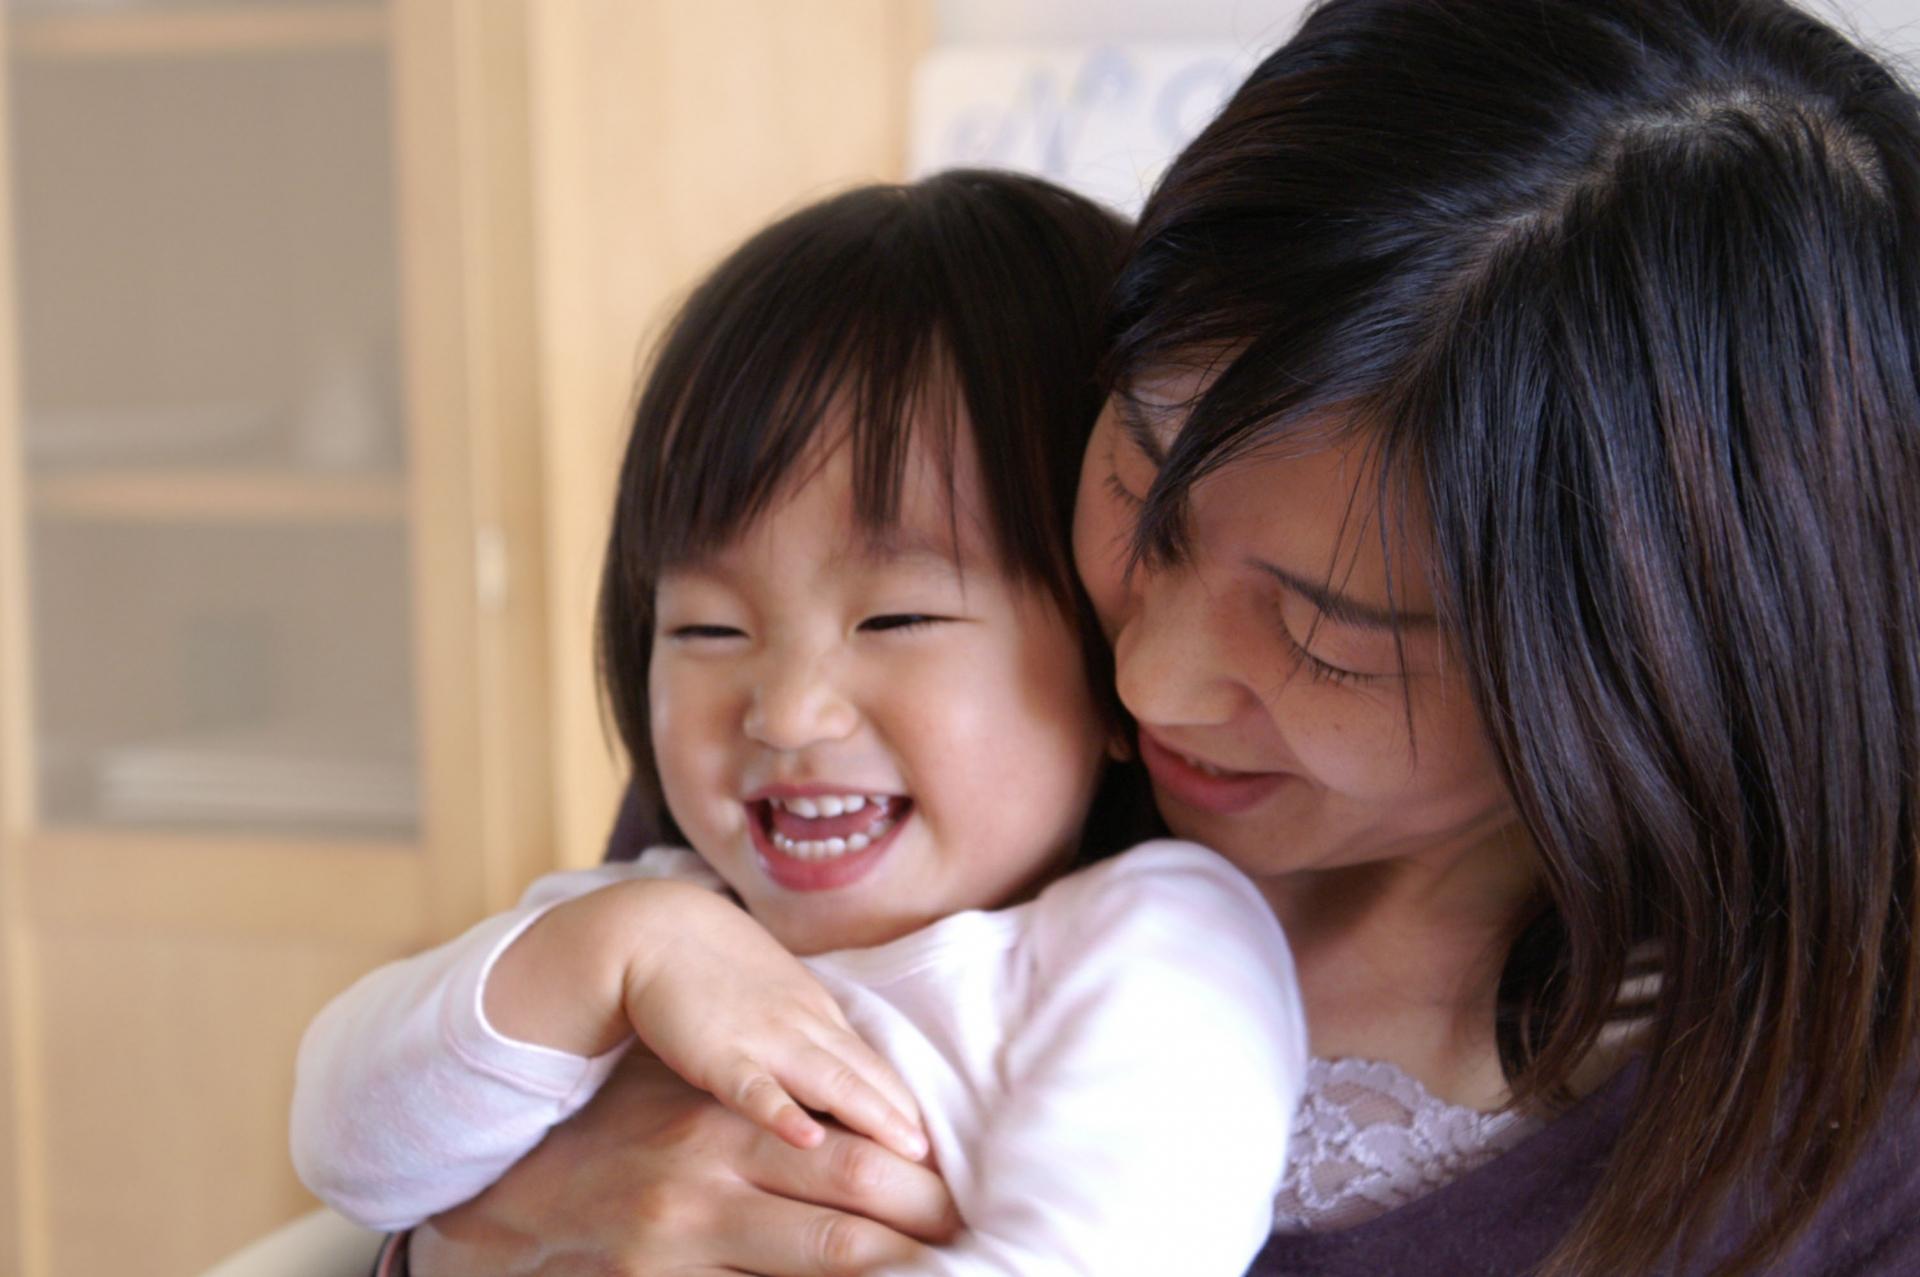 養子縁組の手続き方法!再婚時養子縁組をしない選択肢も